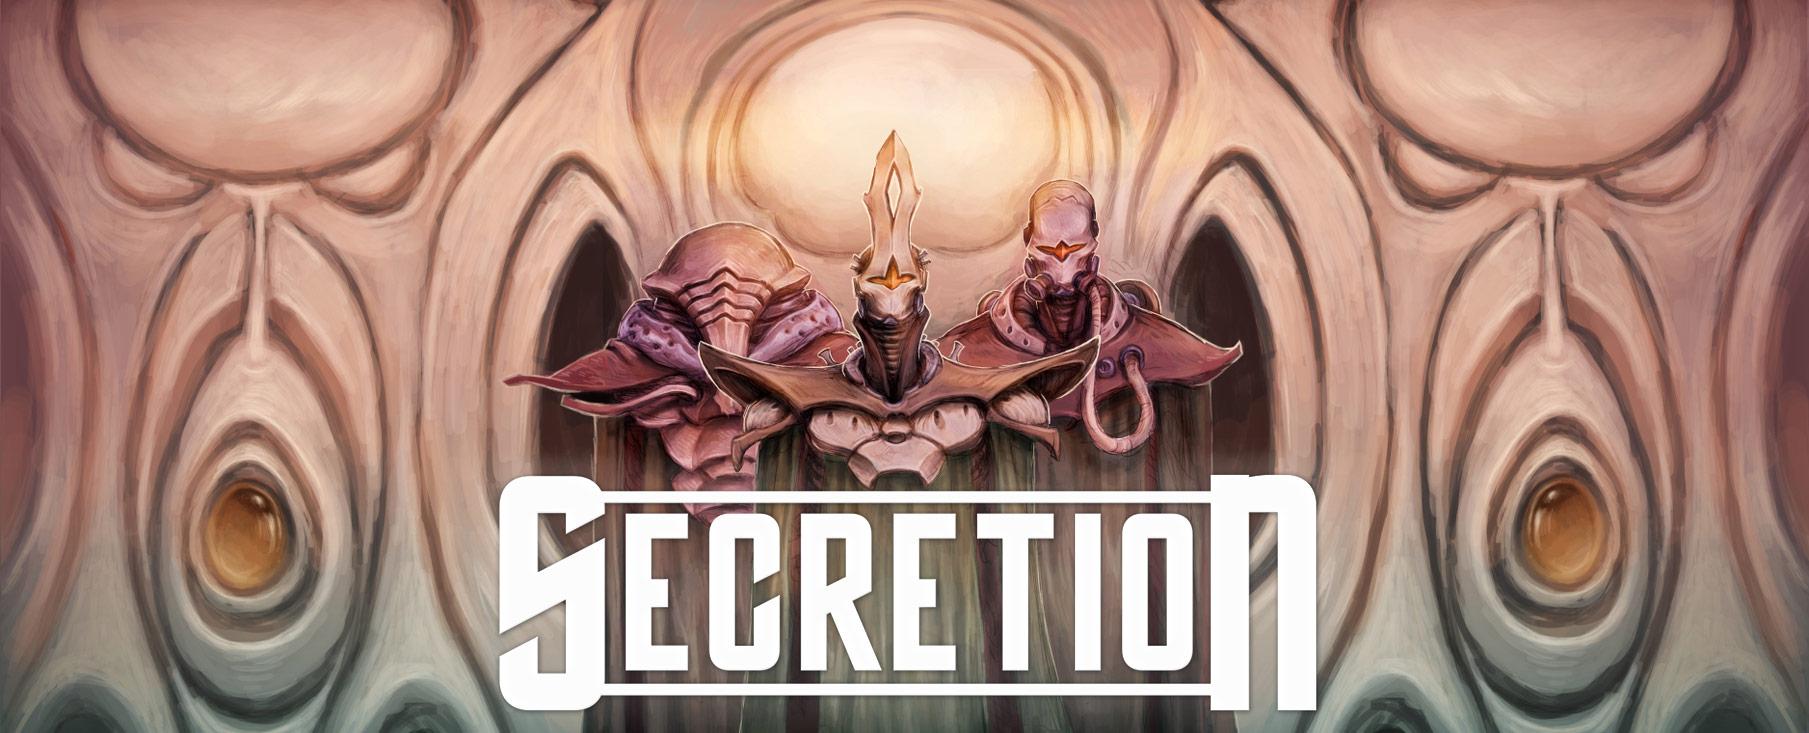 Secretion Desktop